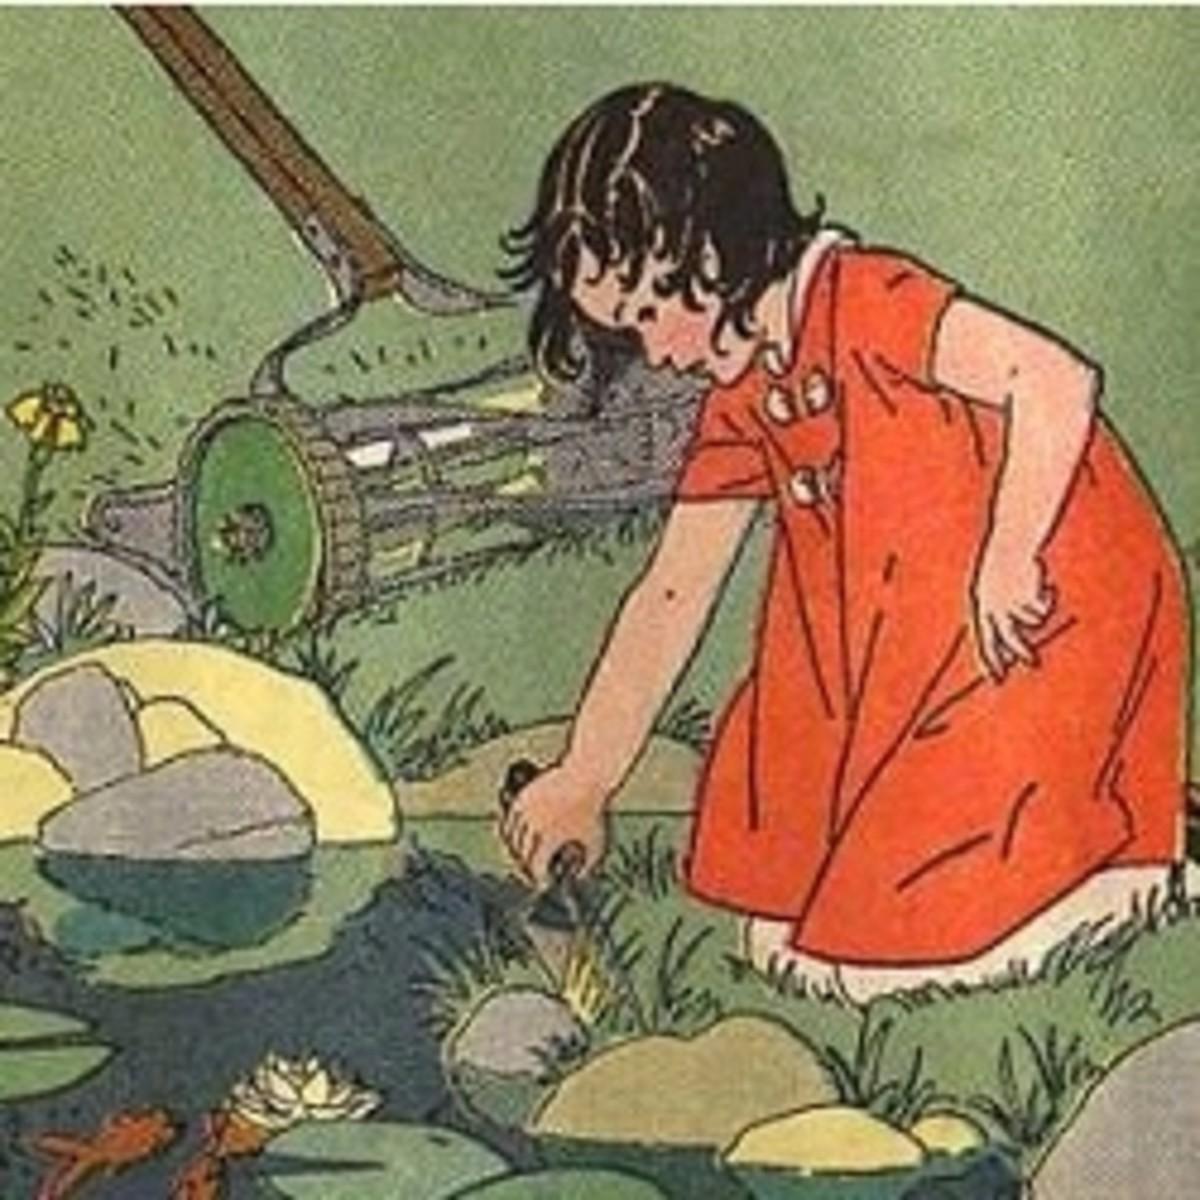 Frog Pond Observation